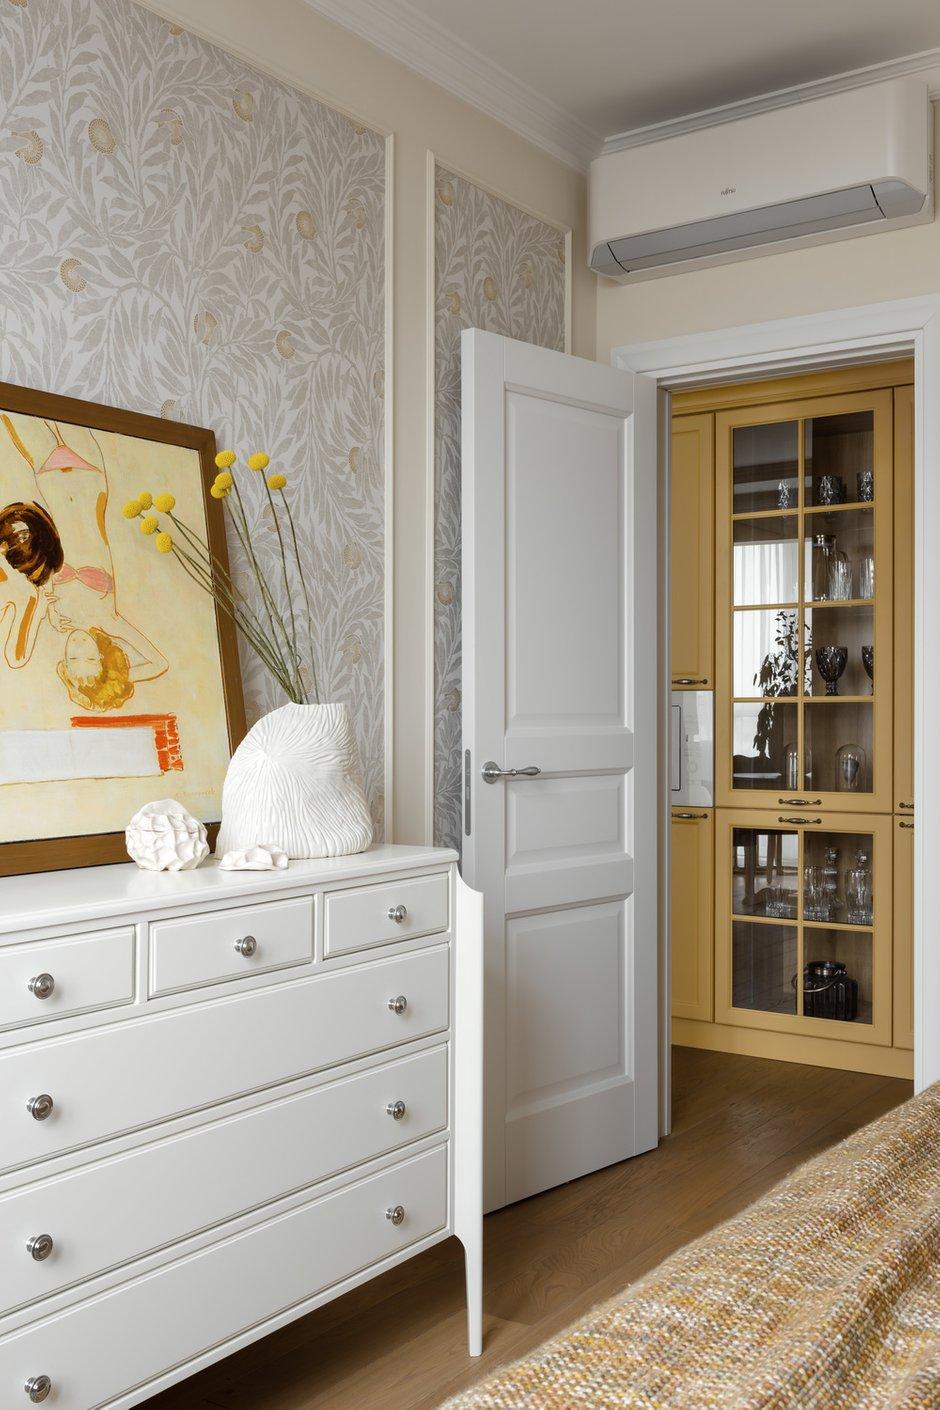 Во всей квартире установили классические филенчатые двери с хромированной фурнитурой.